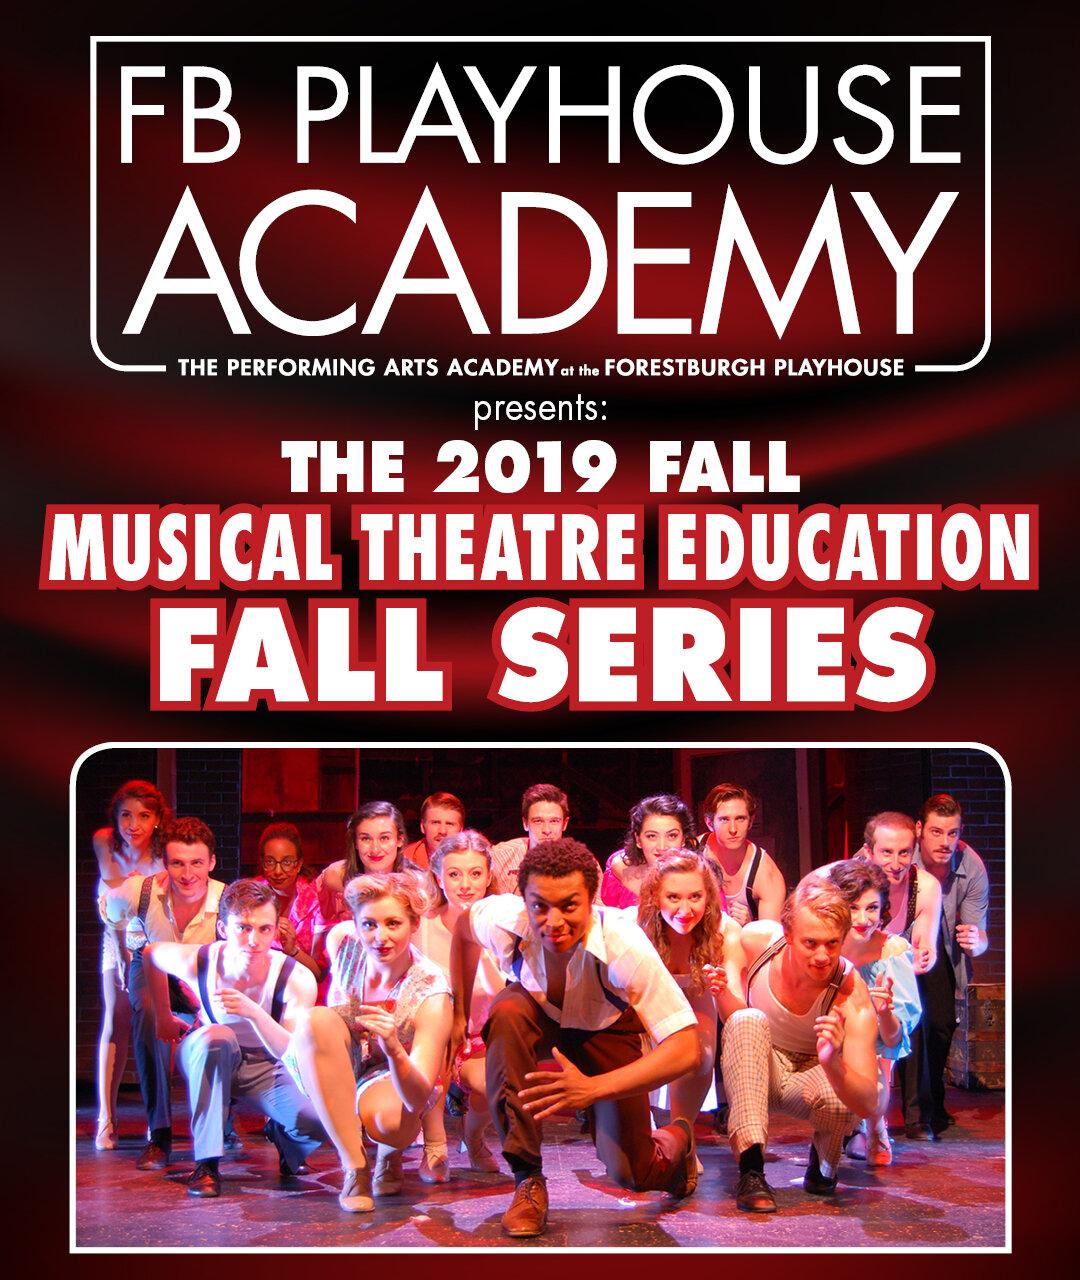 fbph-academy-fall-image-1.jpg